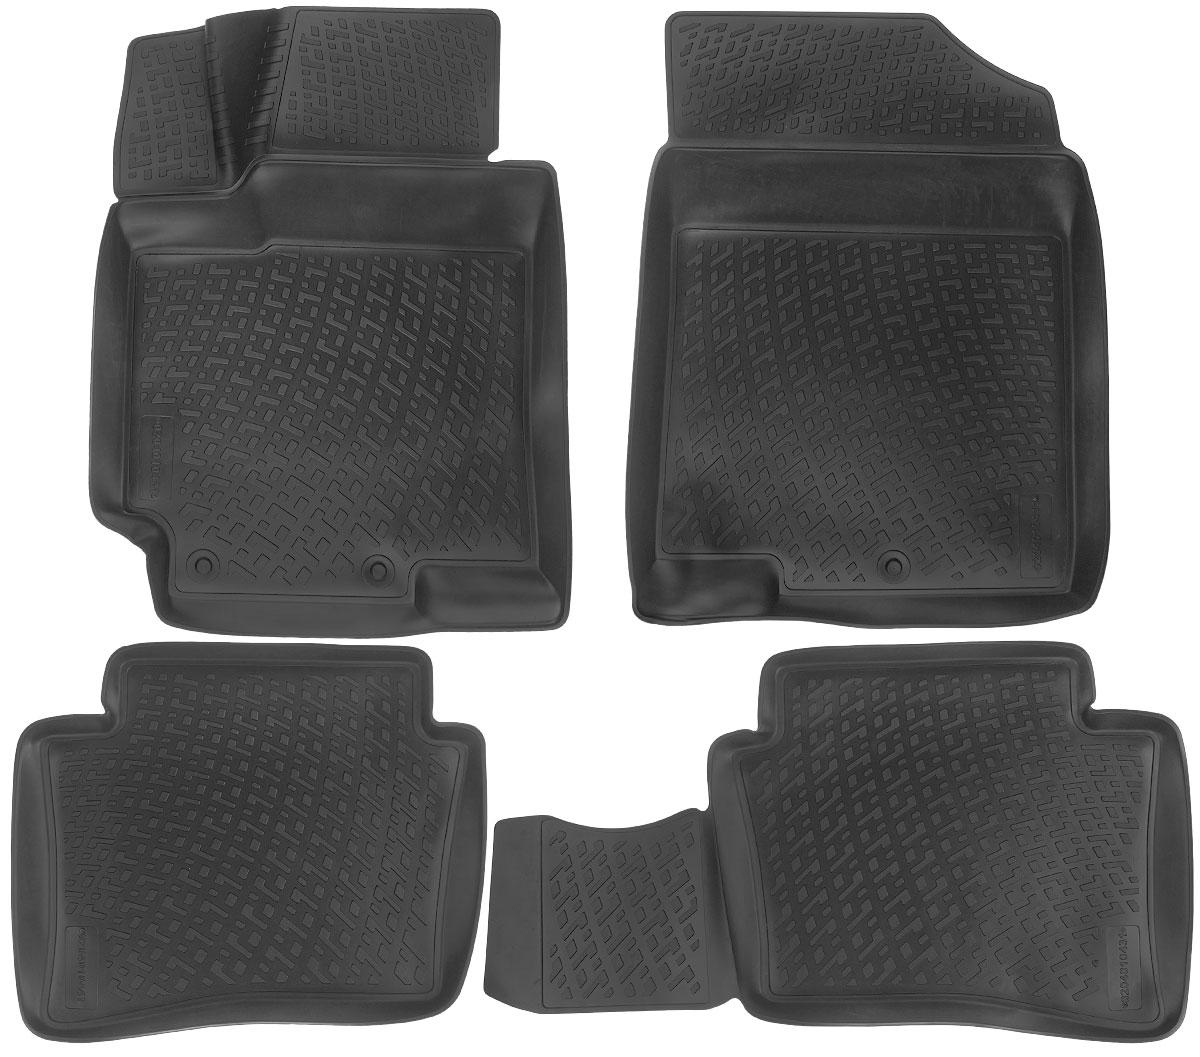 Набор автомобильных ковриков L.Locker Hyundai Accent IV 2010, в салон, 4 шт21395599Набор L.Locker Hyundai Accent IV 2010, изготовленный из полиуретана, состоит из 4 антискользящих 3D ковриков, которые производятся индивидуально для каждой модели автомобиля. Изделие точно повторяет геометрию пола автомобиля, имеет высокий борт, обладает повышенной износоустойчивостью, лишено резкого запаха и сохраняет свои потребительские свойства в широком диапазоне температур от -50°С до +50°С. Комплектация: 4 шт.Размер ковриков: 75 см х 56 см; 84 см х 45 см; 56 см х 46 см; 73 см х 56 см.